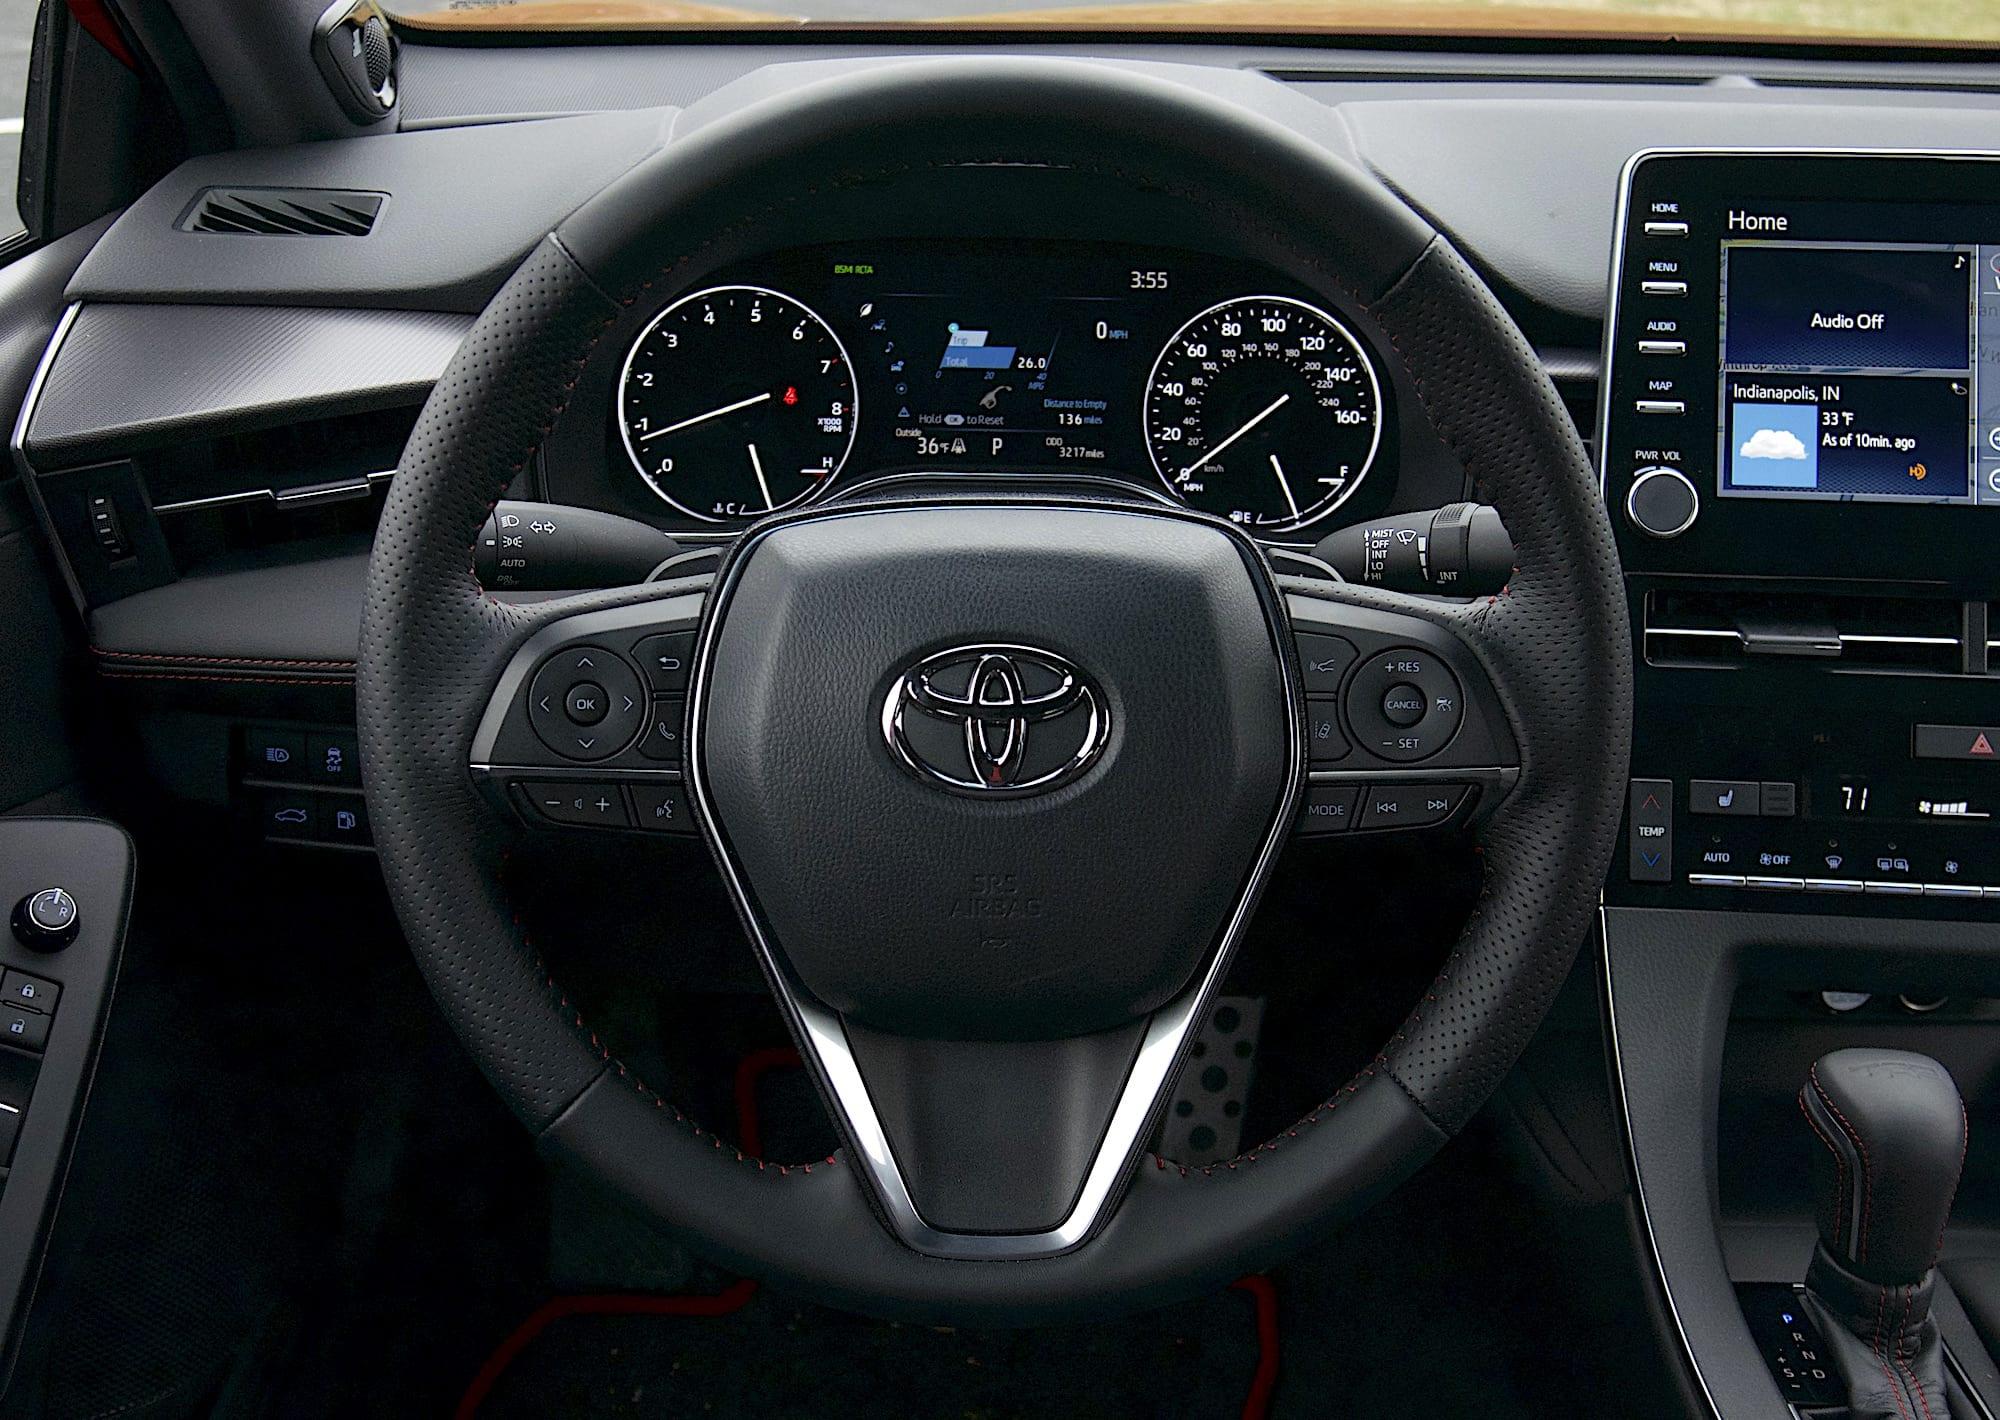 2020 toyota Avalon TRD steering wheel